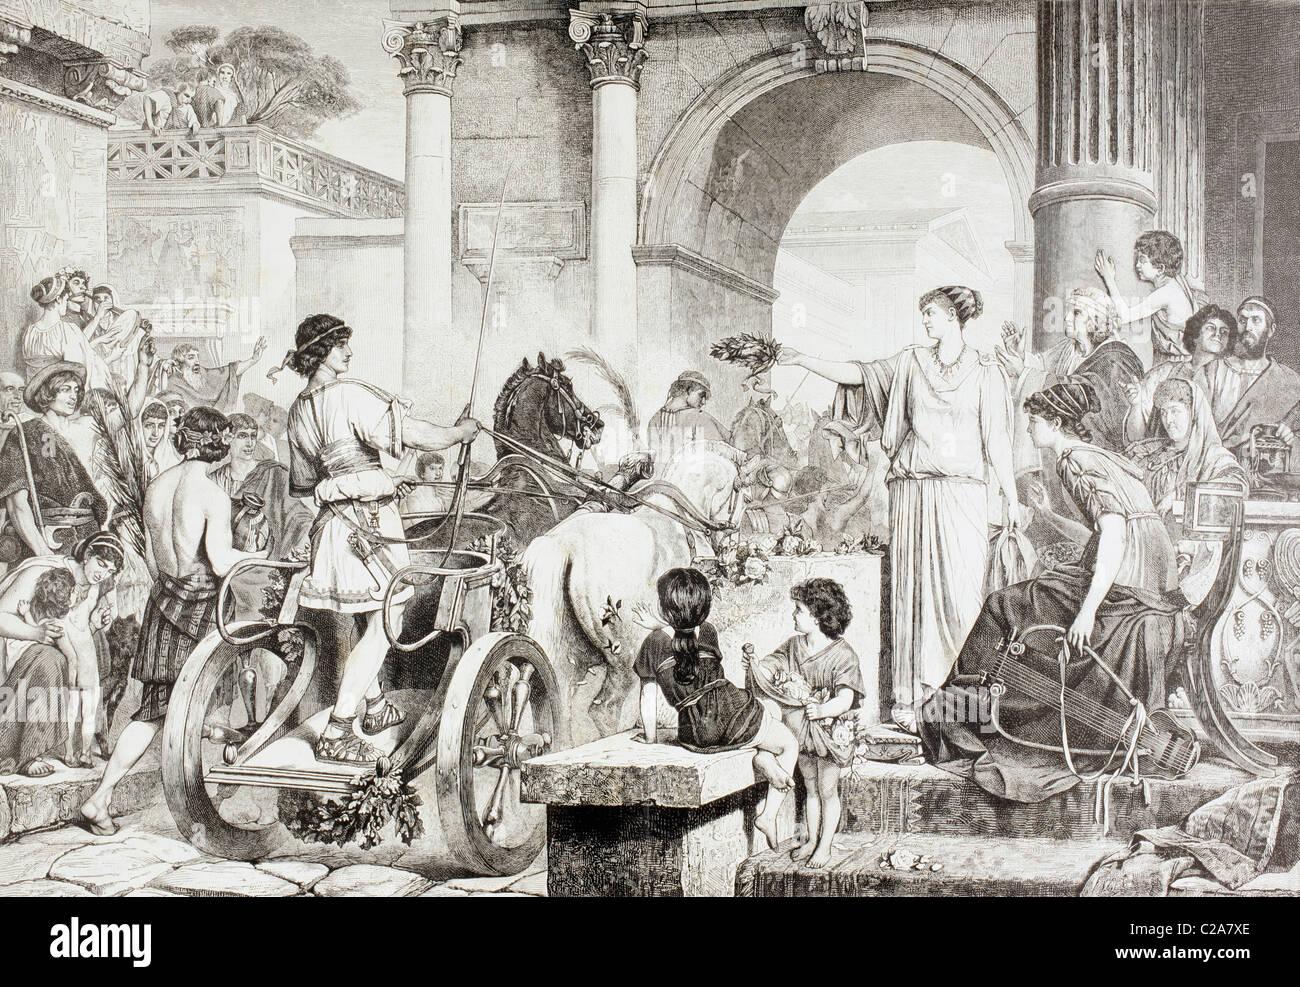 Los Antiguos Juegos Olimpicos Griegos El Ganador De La Carrera Es